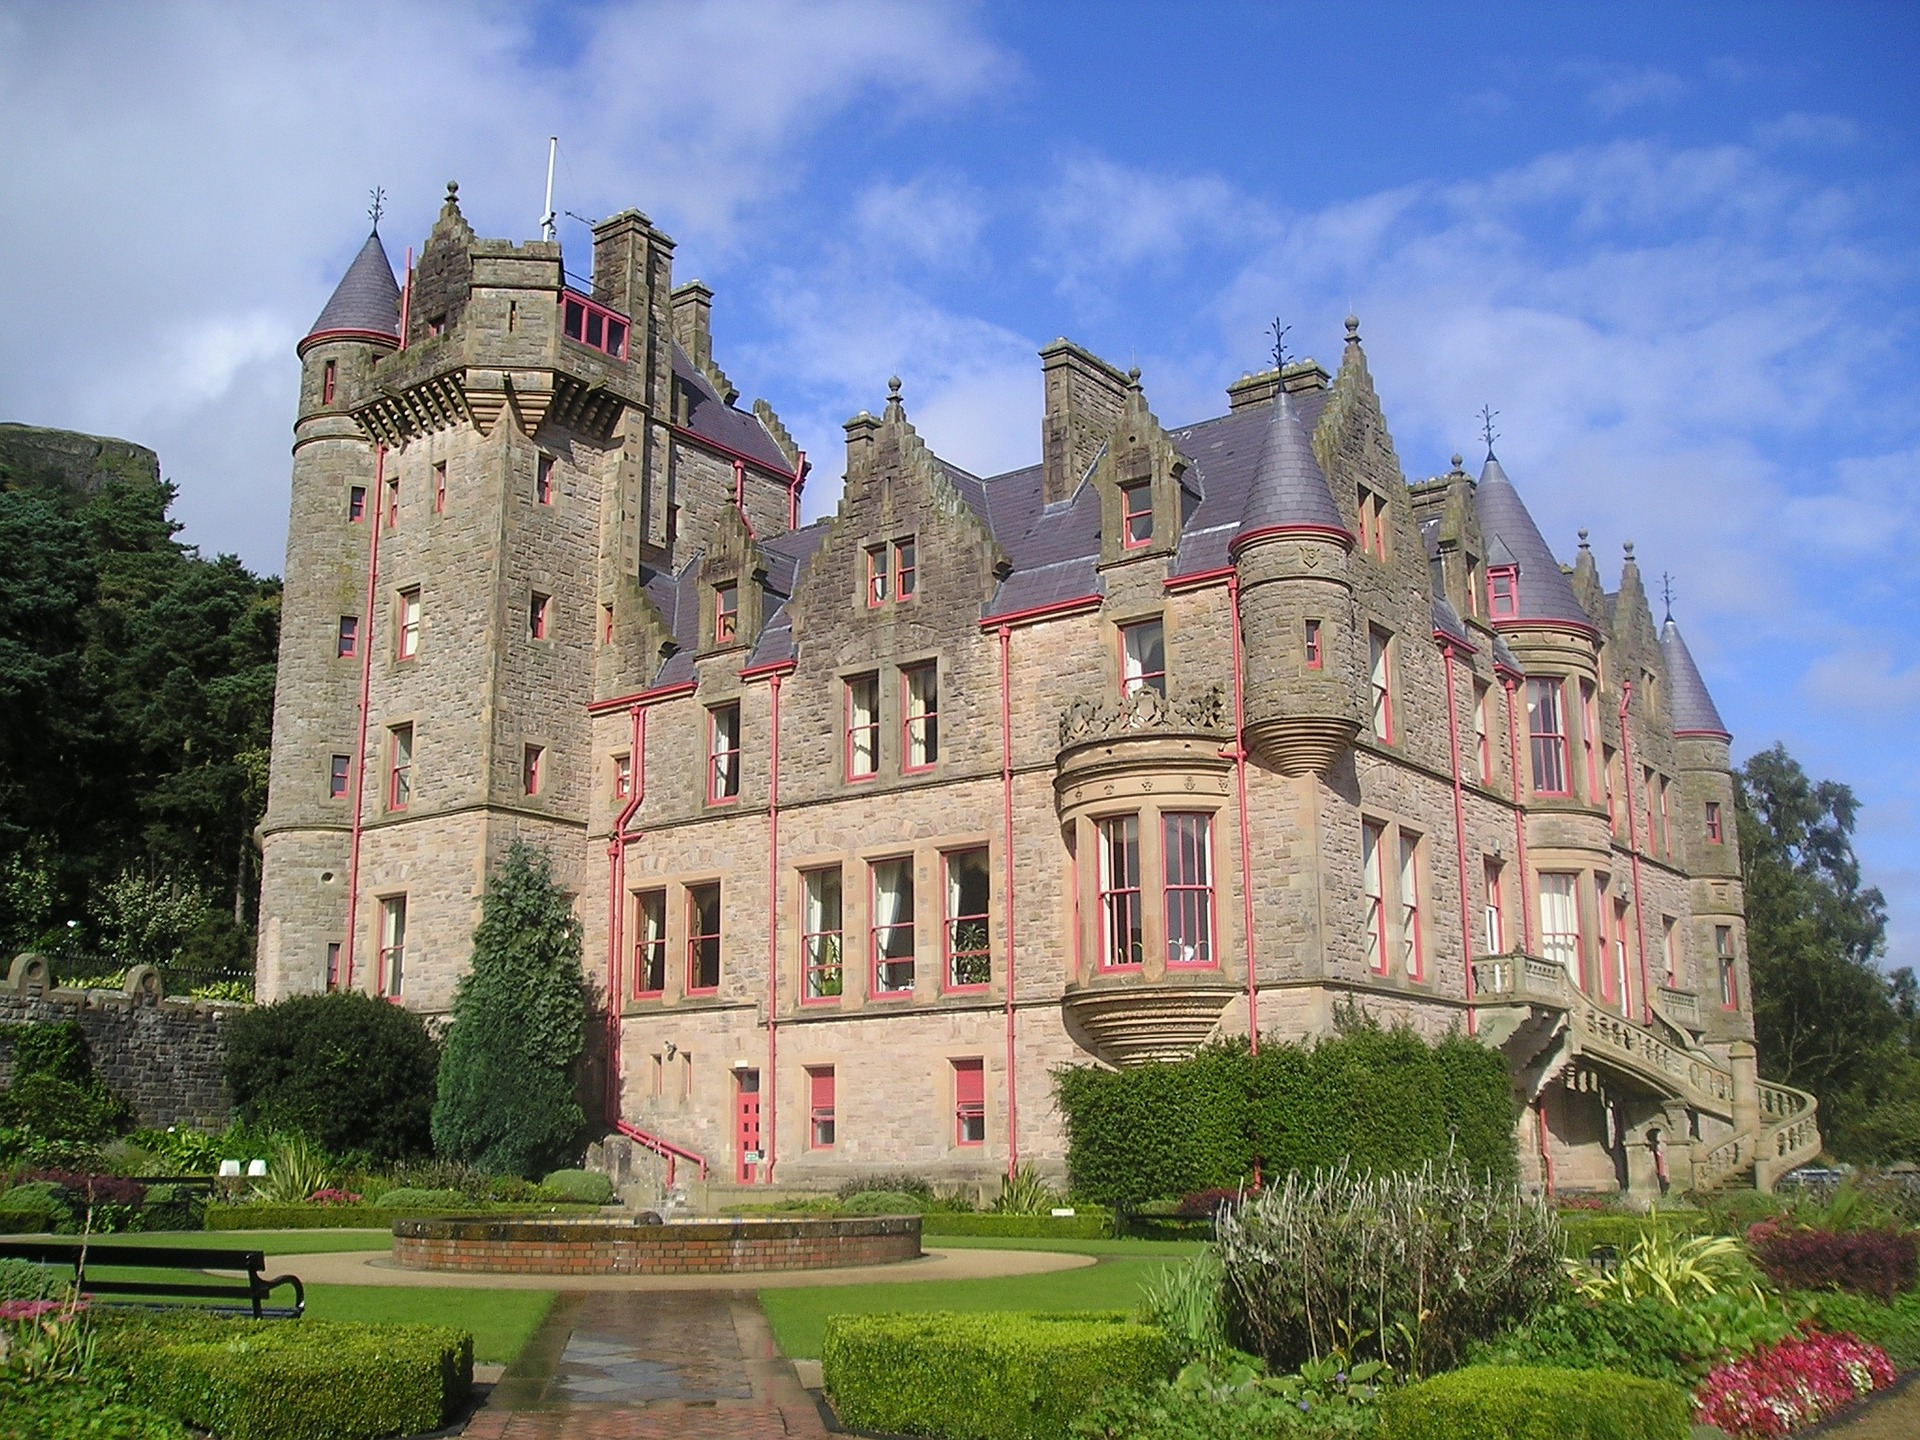 castle-829311_1920